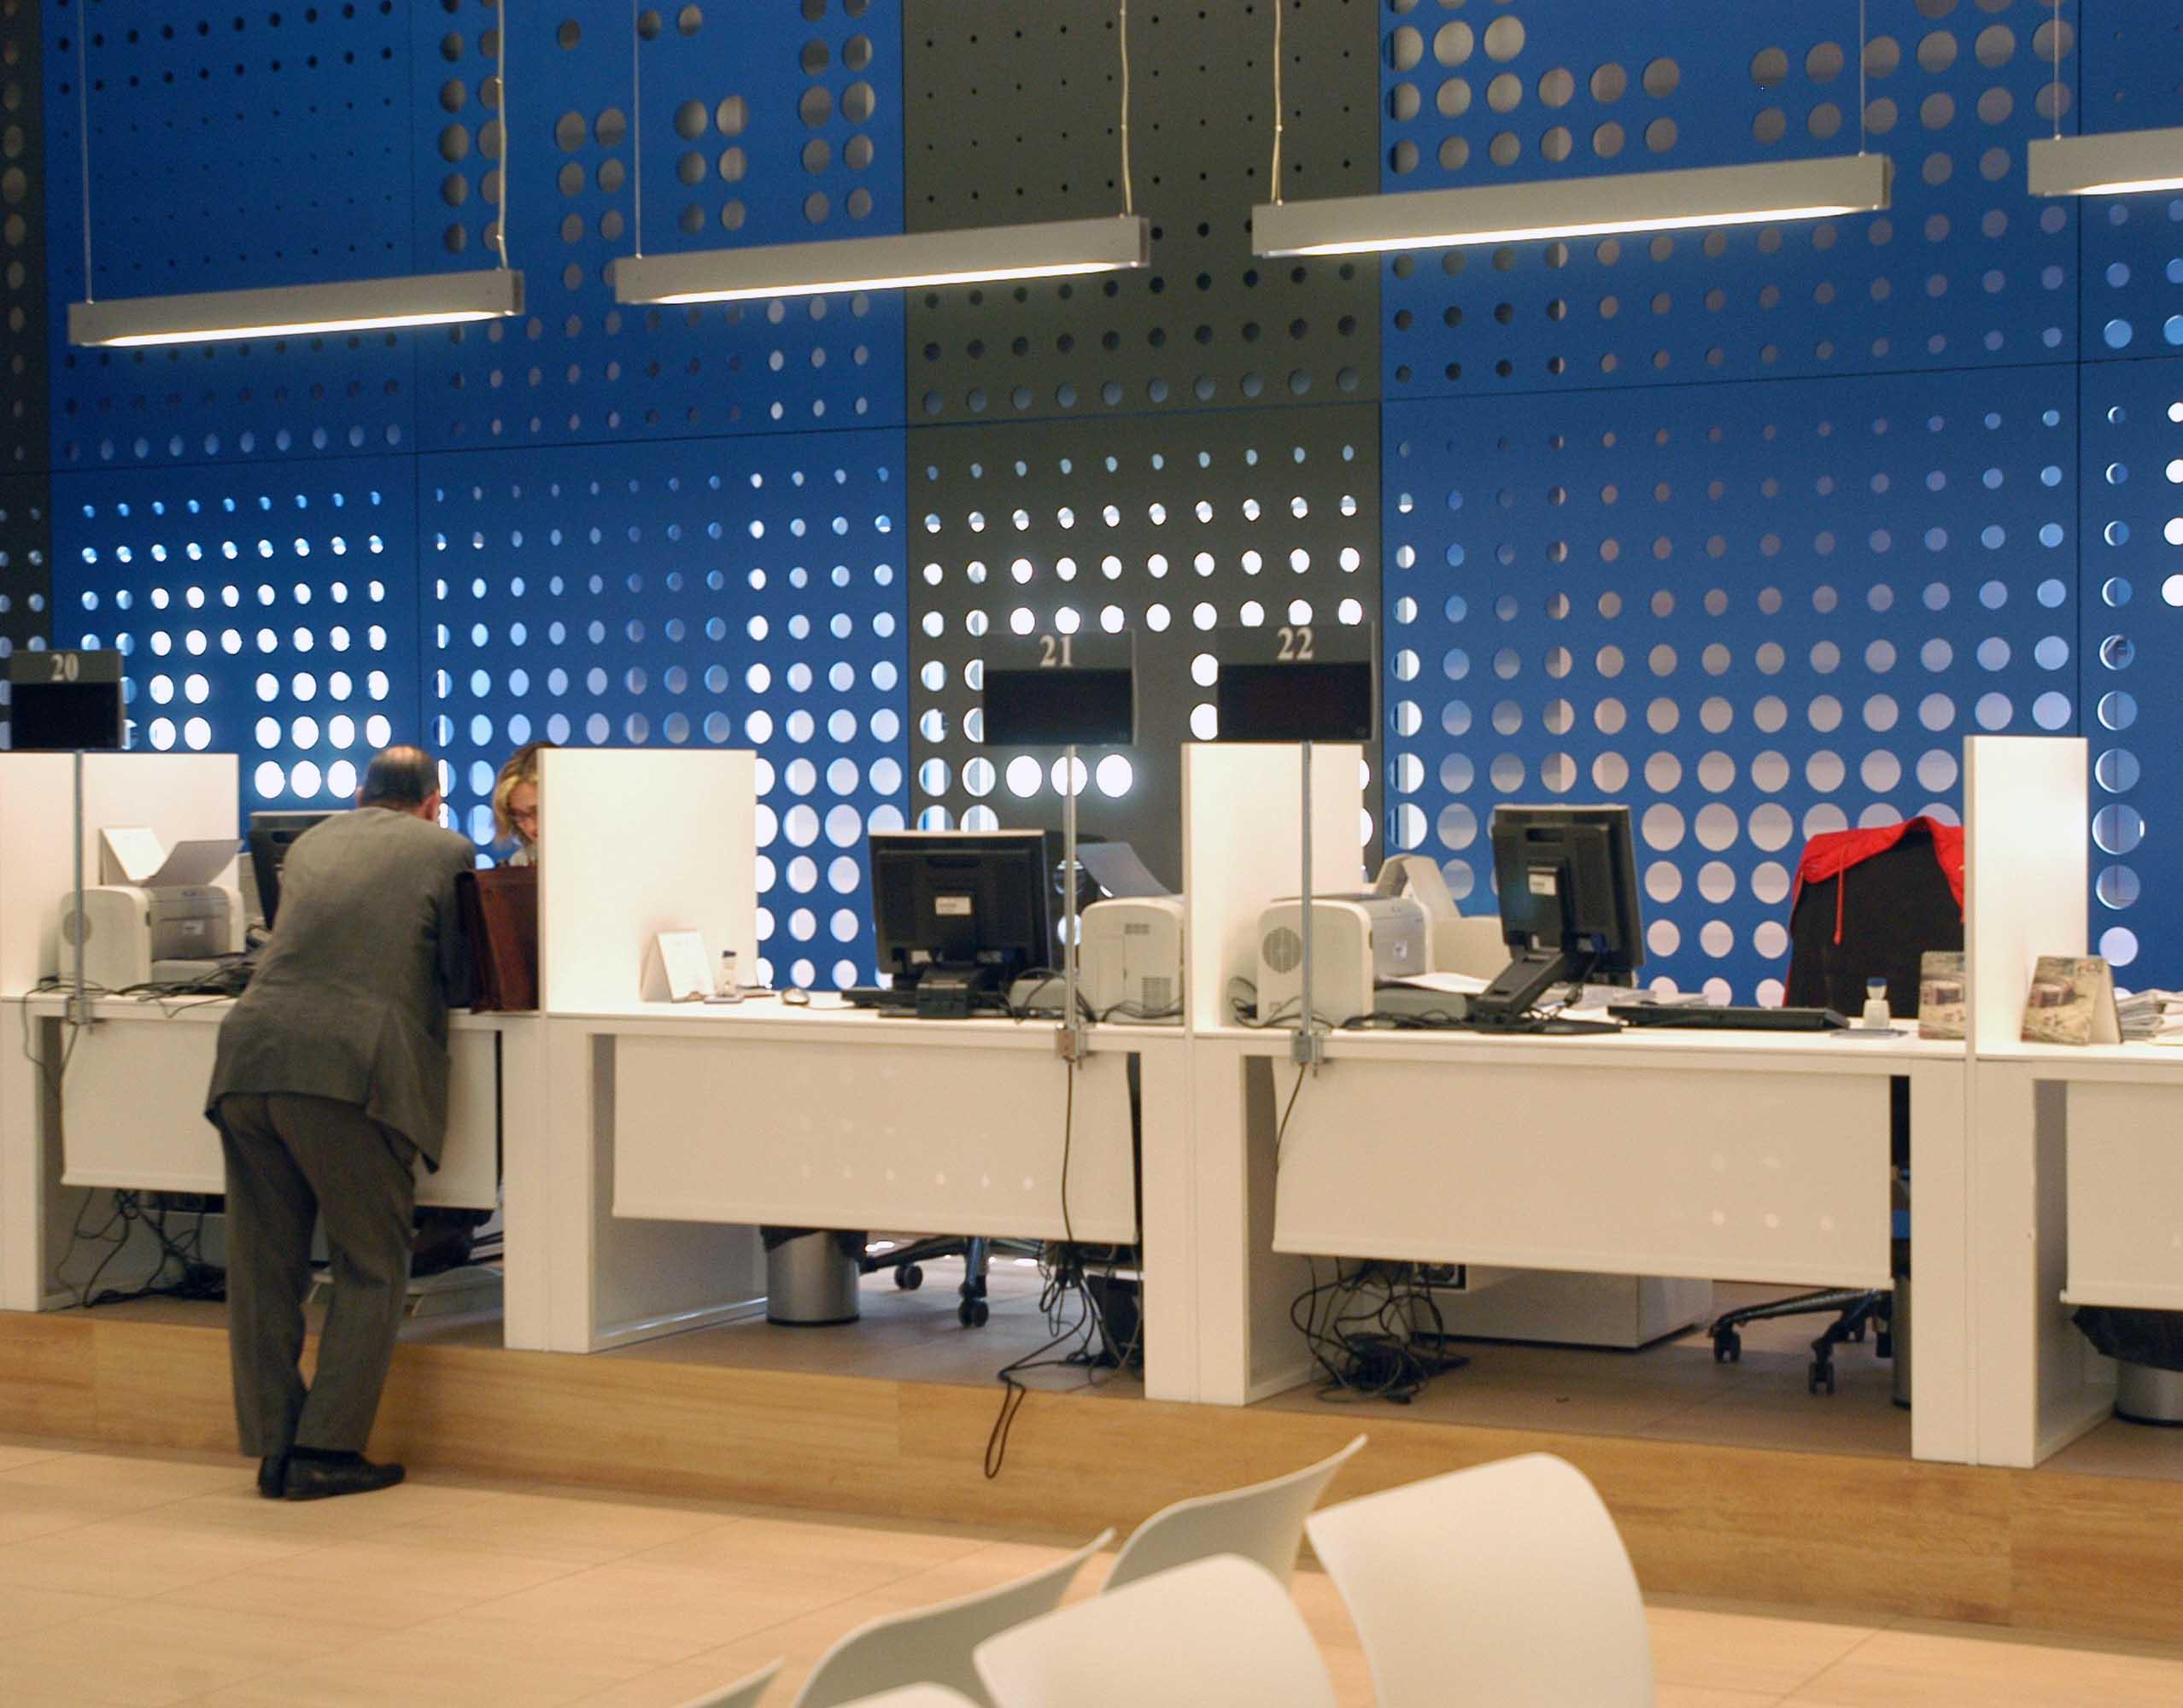 Ayuda para hacer la declaraci n de la renta ayuntamiento for Ayuntamiento de madrid oficina de atencion integral al contribuyente